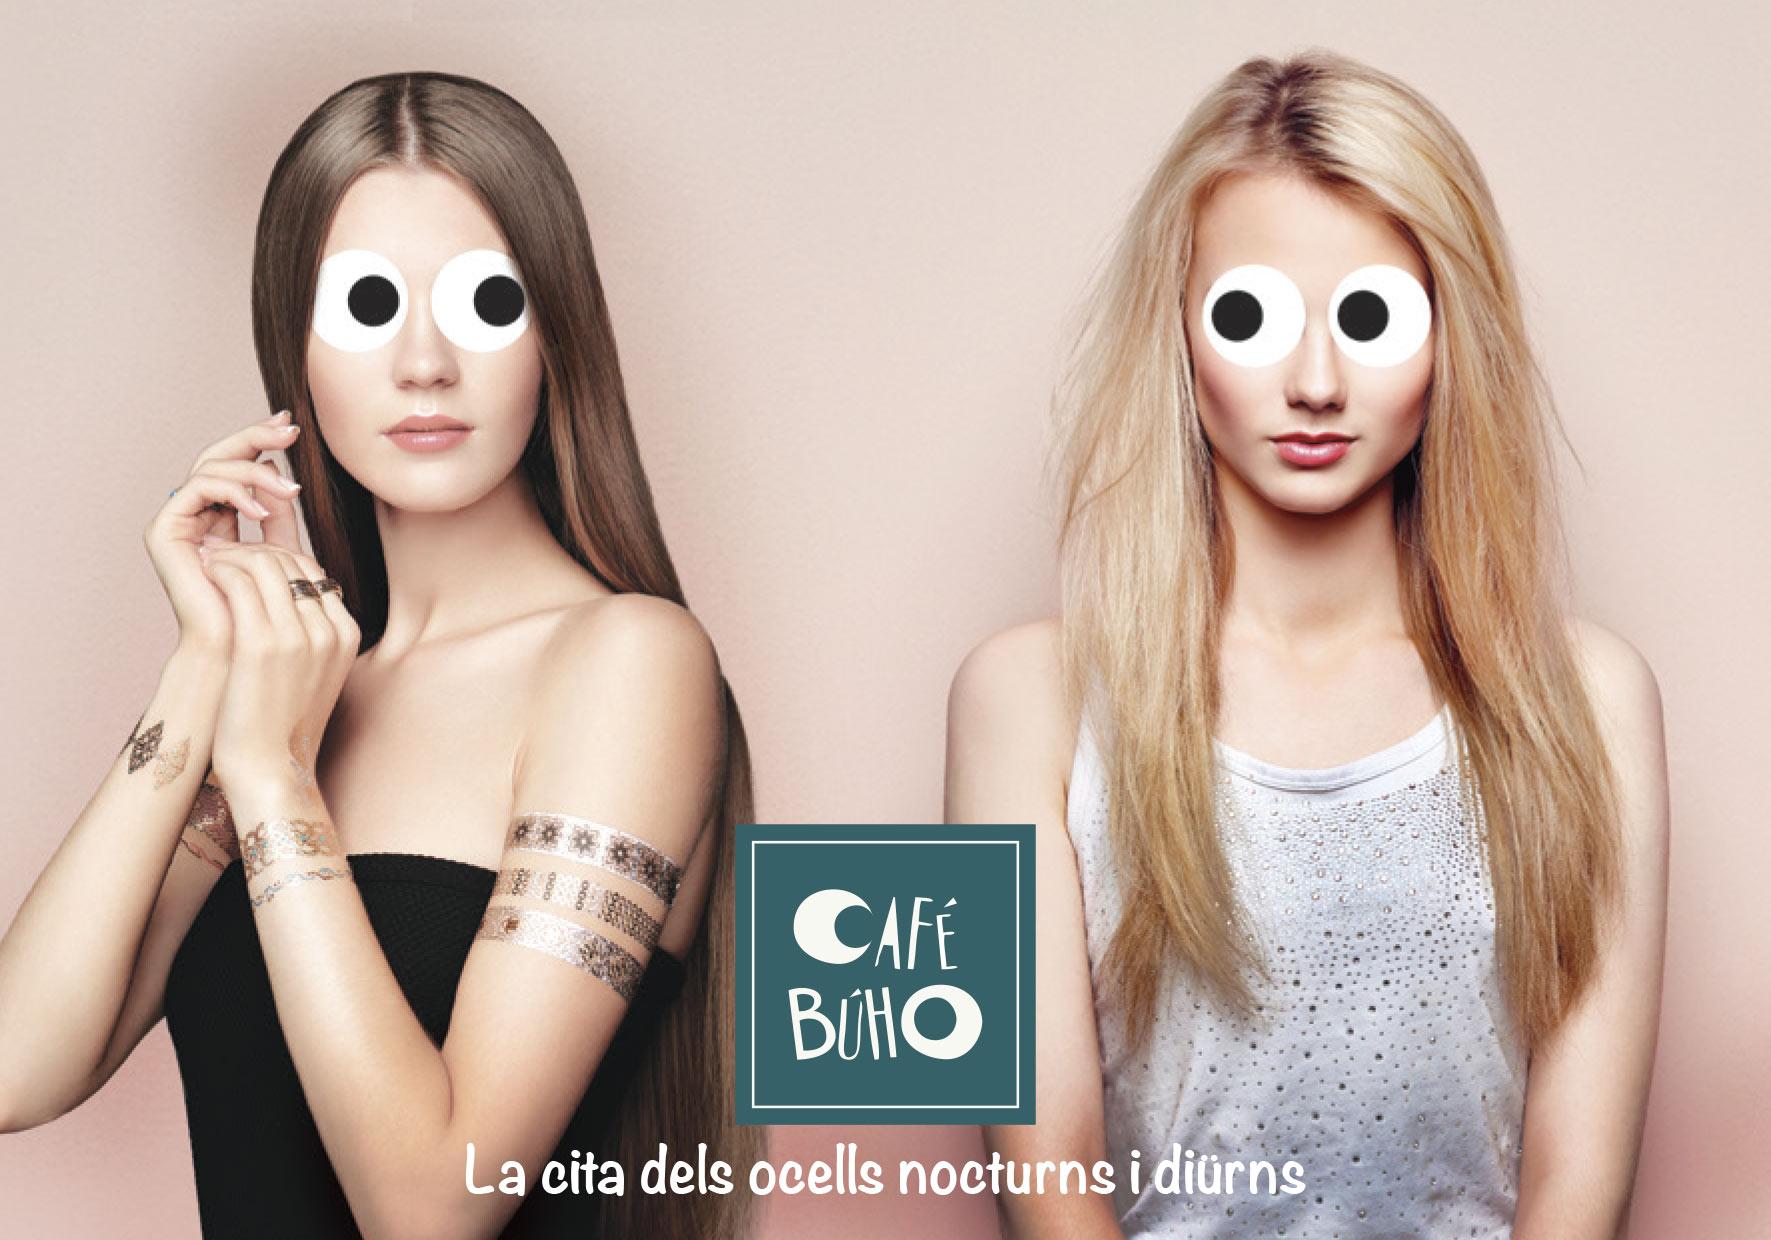 CAFE BUHO – identité de marque et campagne de lancement